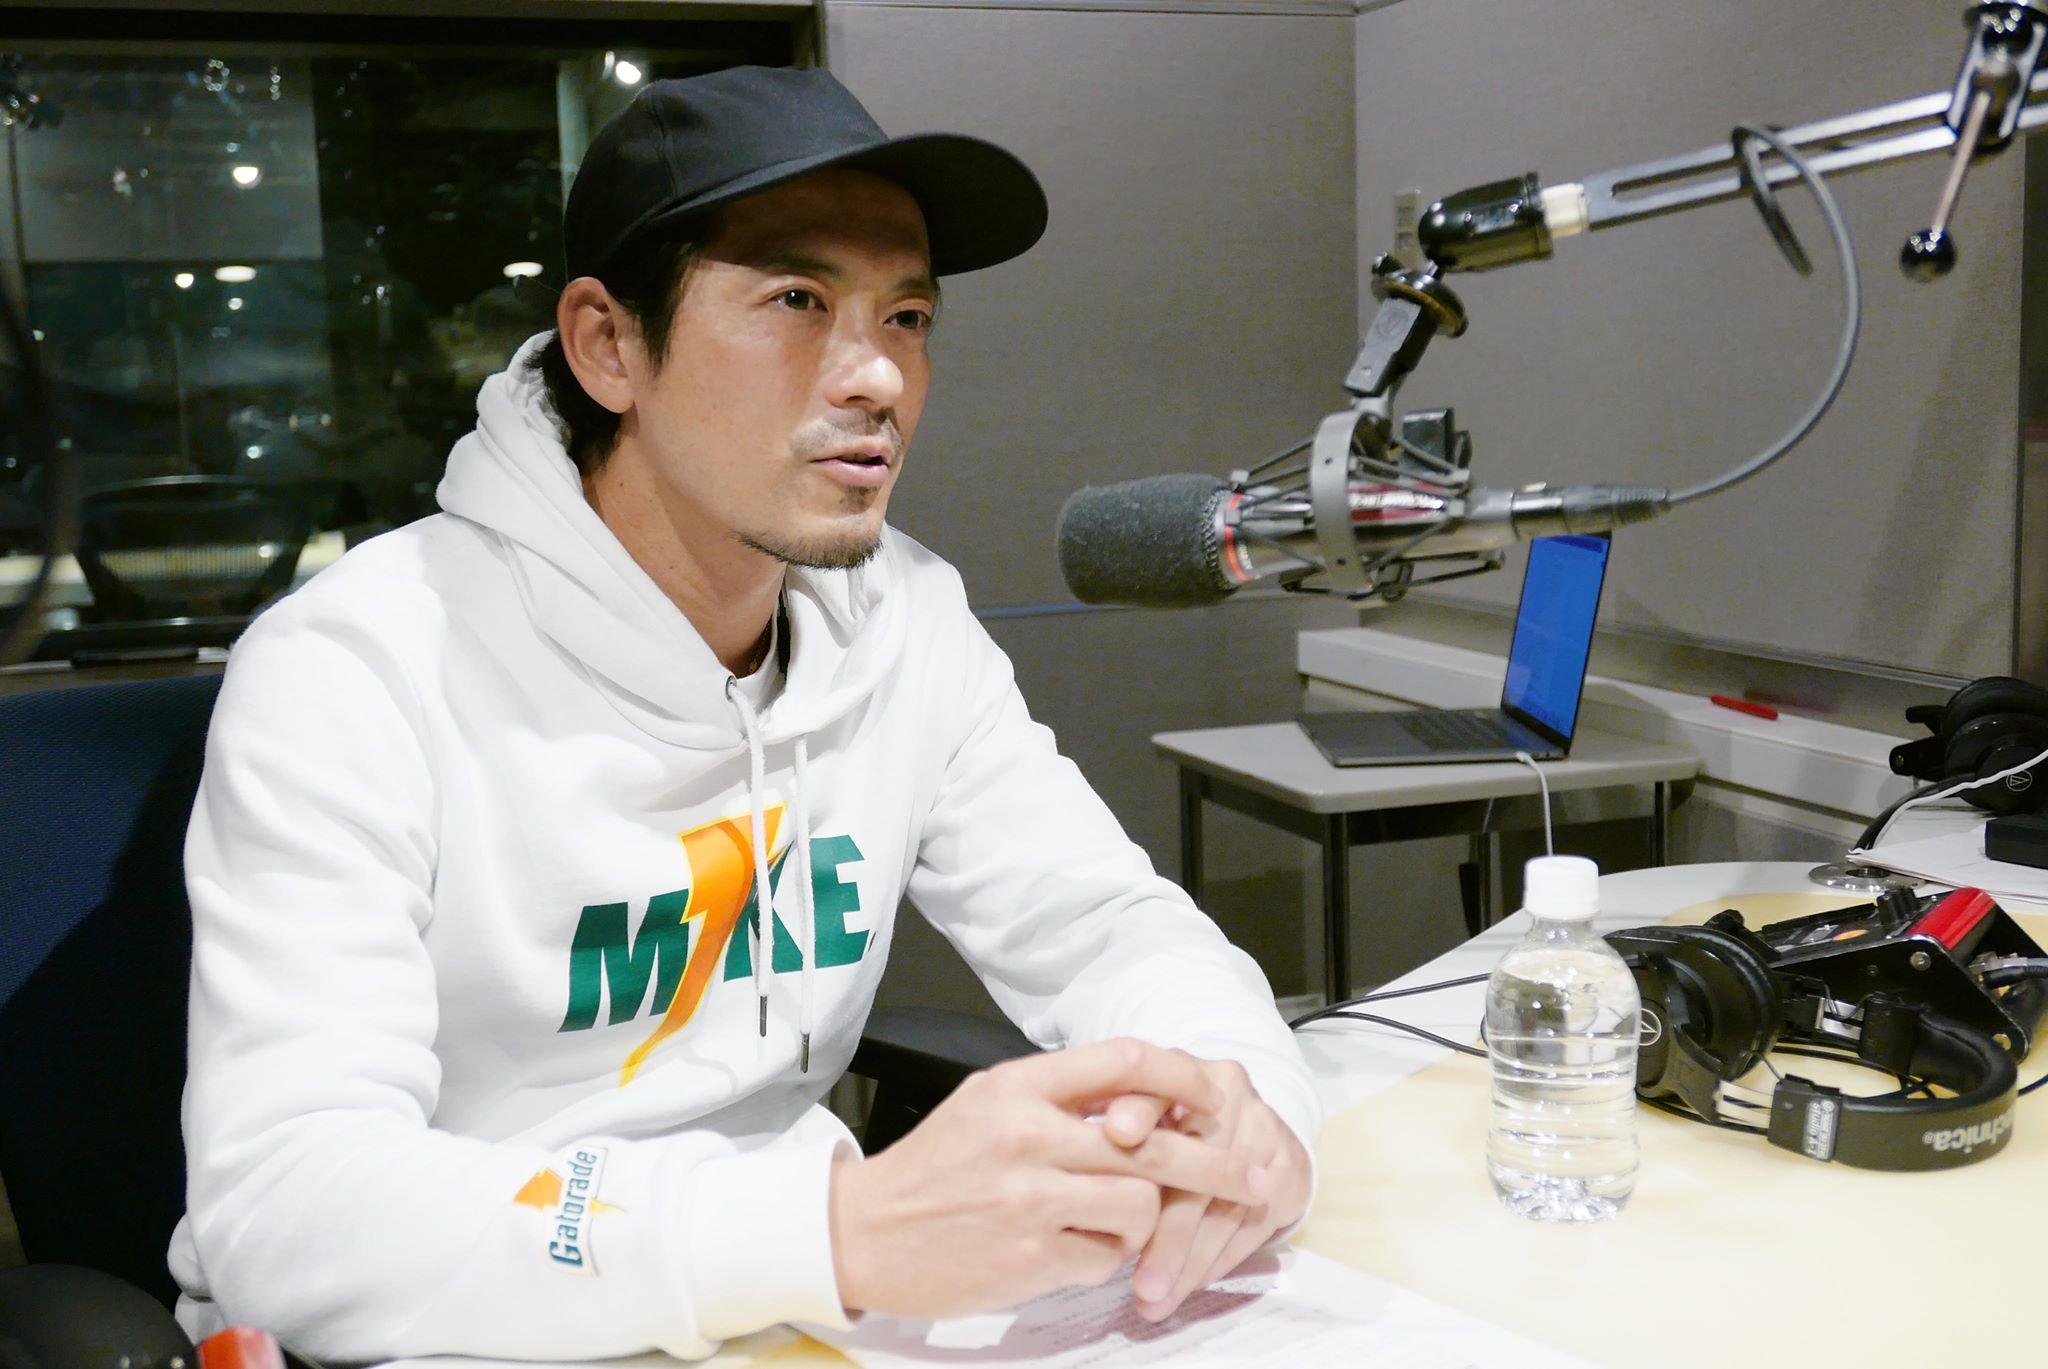 アスリートと一般人は「腸内細菌」に違いがある! 元サッカー日本代表・鈴木啓太の研究